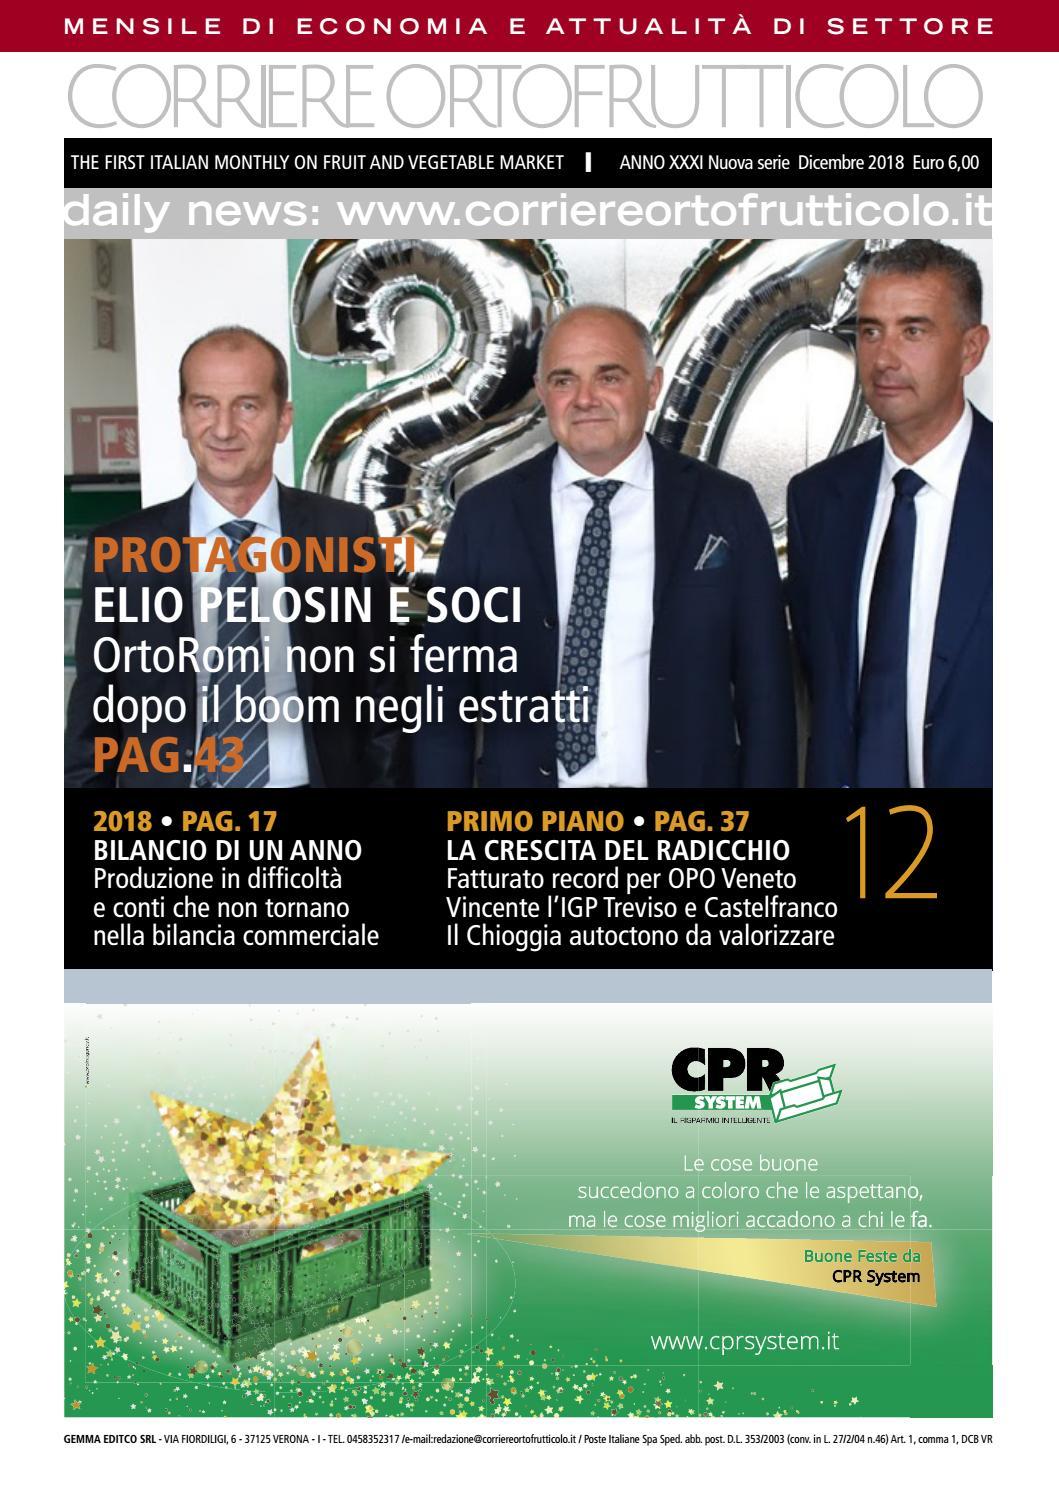 Corriere Ortofrutticolo Dicembre 2018 by Andrea Andre - issuu 14ba03cb9ef8